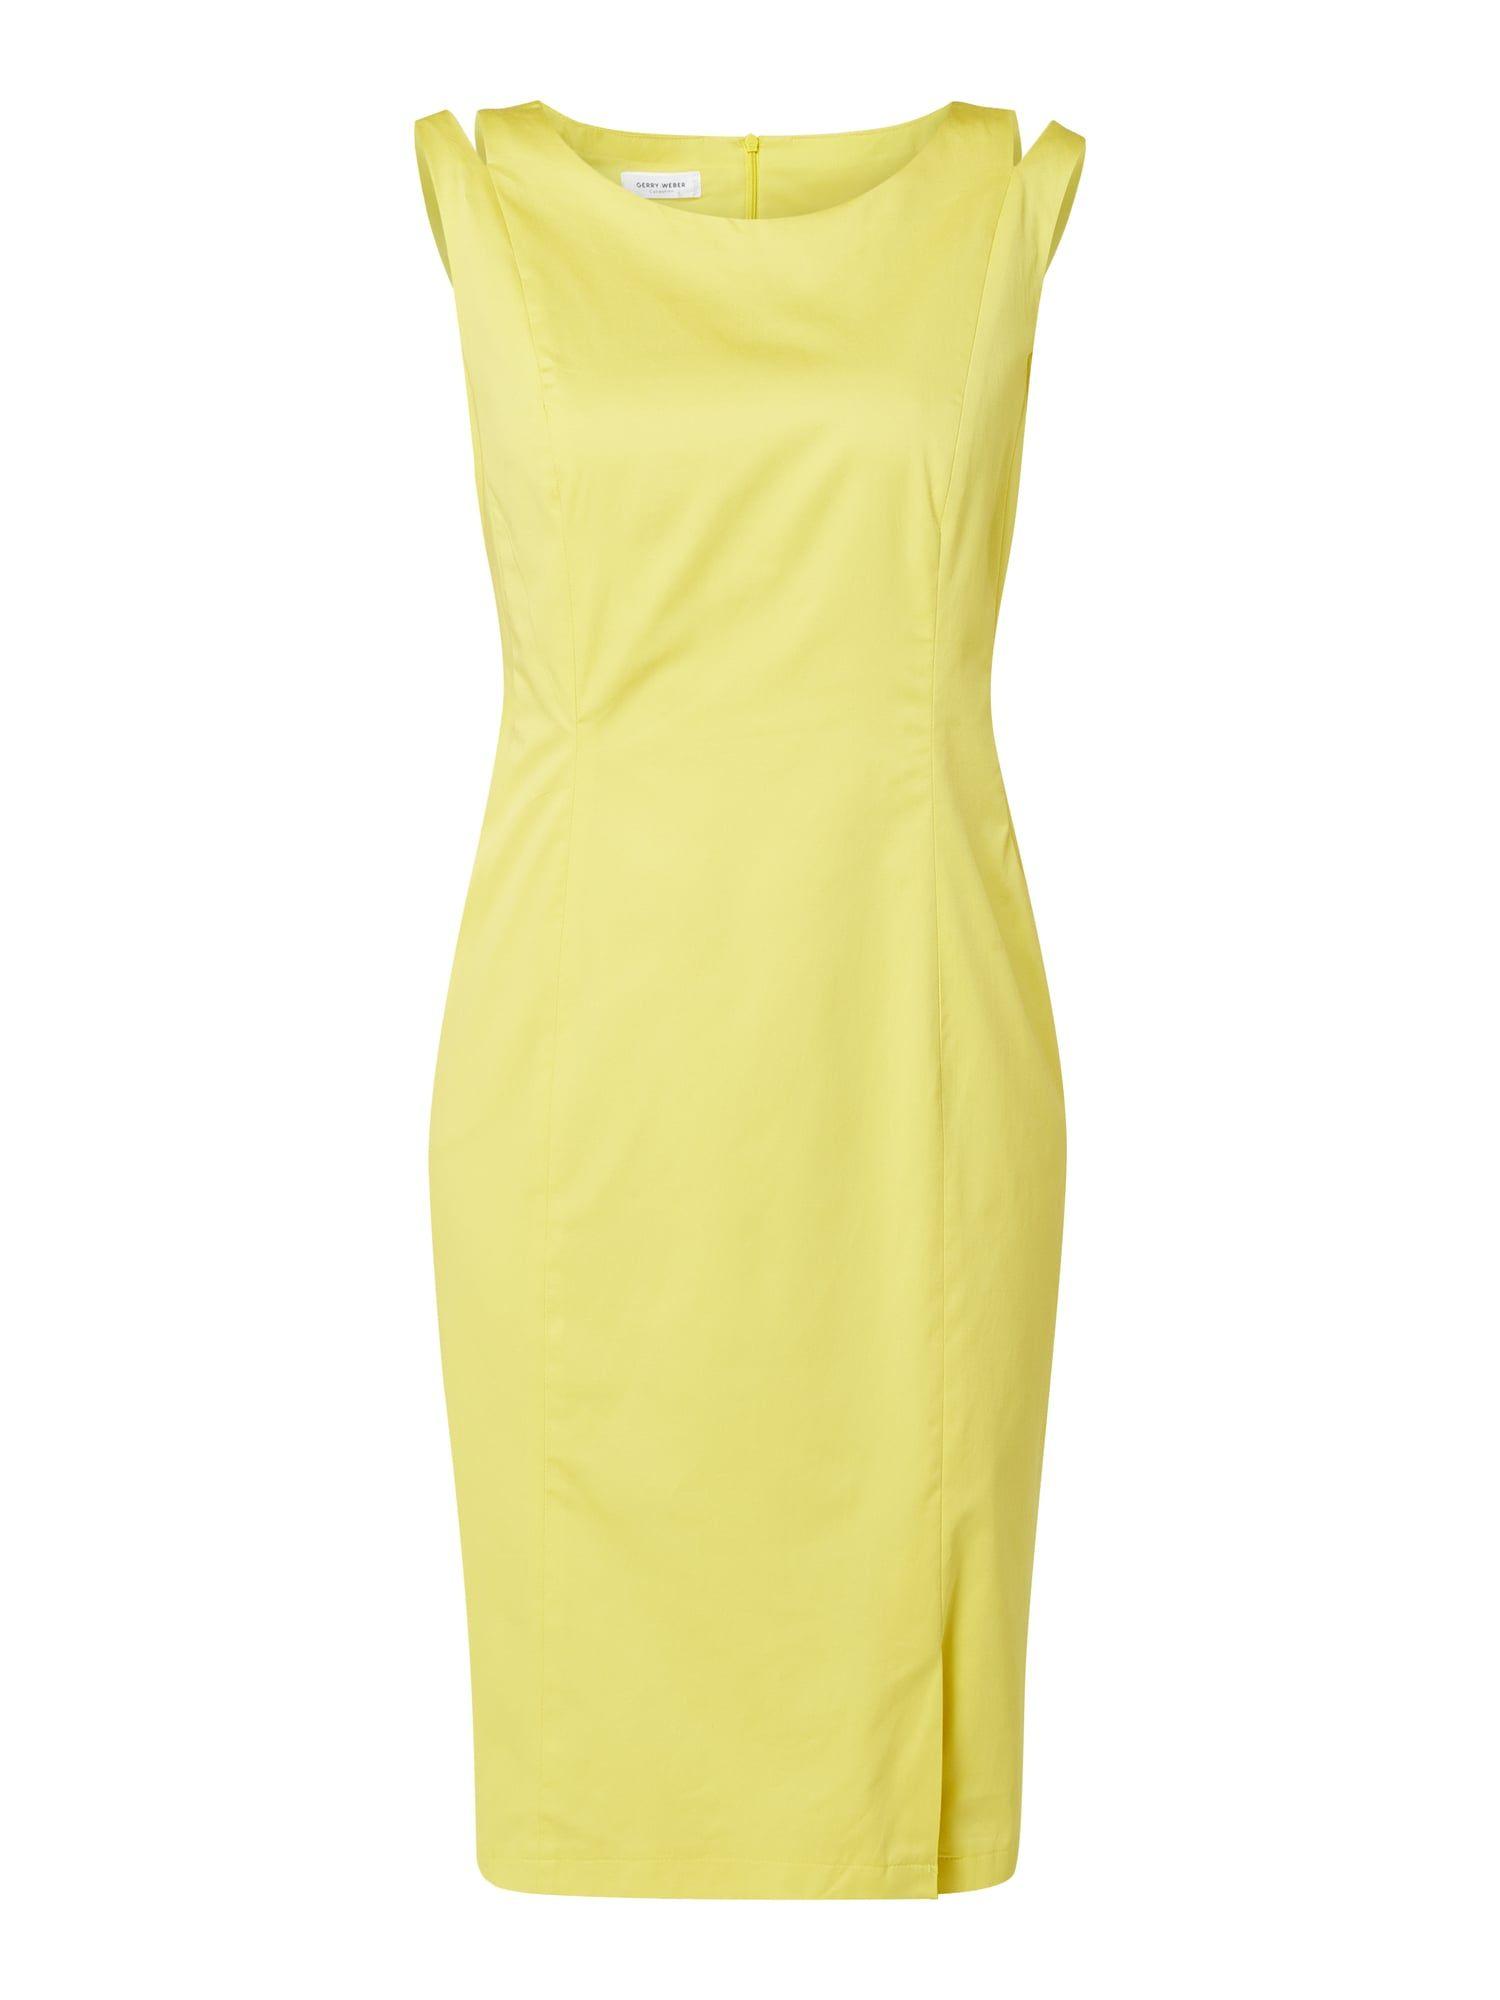 Bei P C Kleider Von Gerry Weber Jetzt Gerry Weber Kleid Mit Eingrifftaschen In Gelb Online Kaufen 9972578 Summer Dresses Dresses For Work Bright Winter